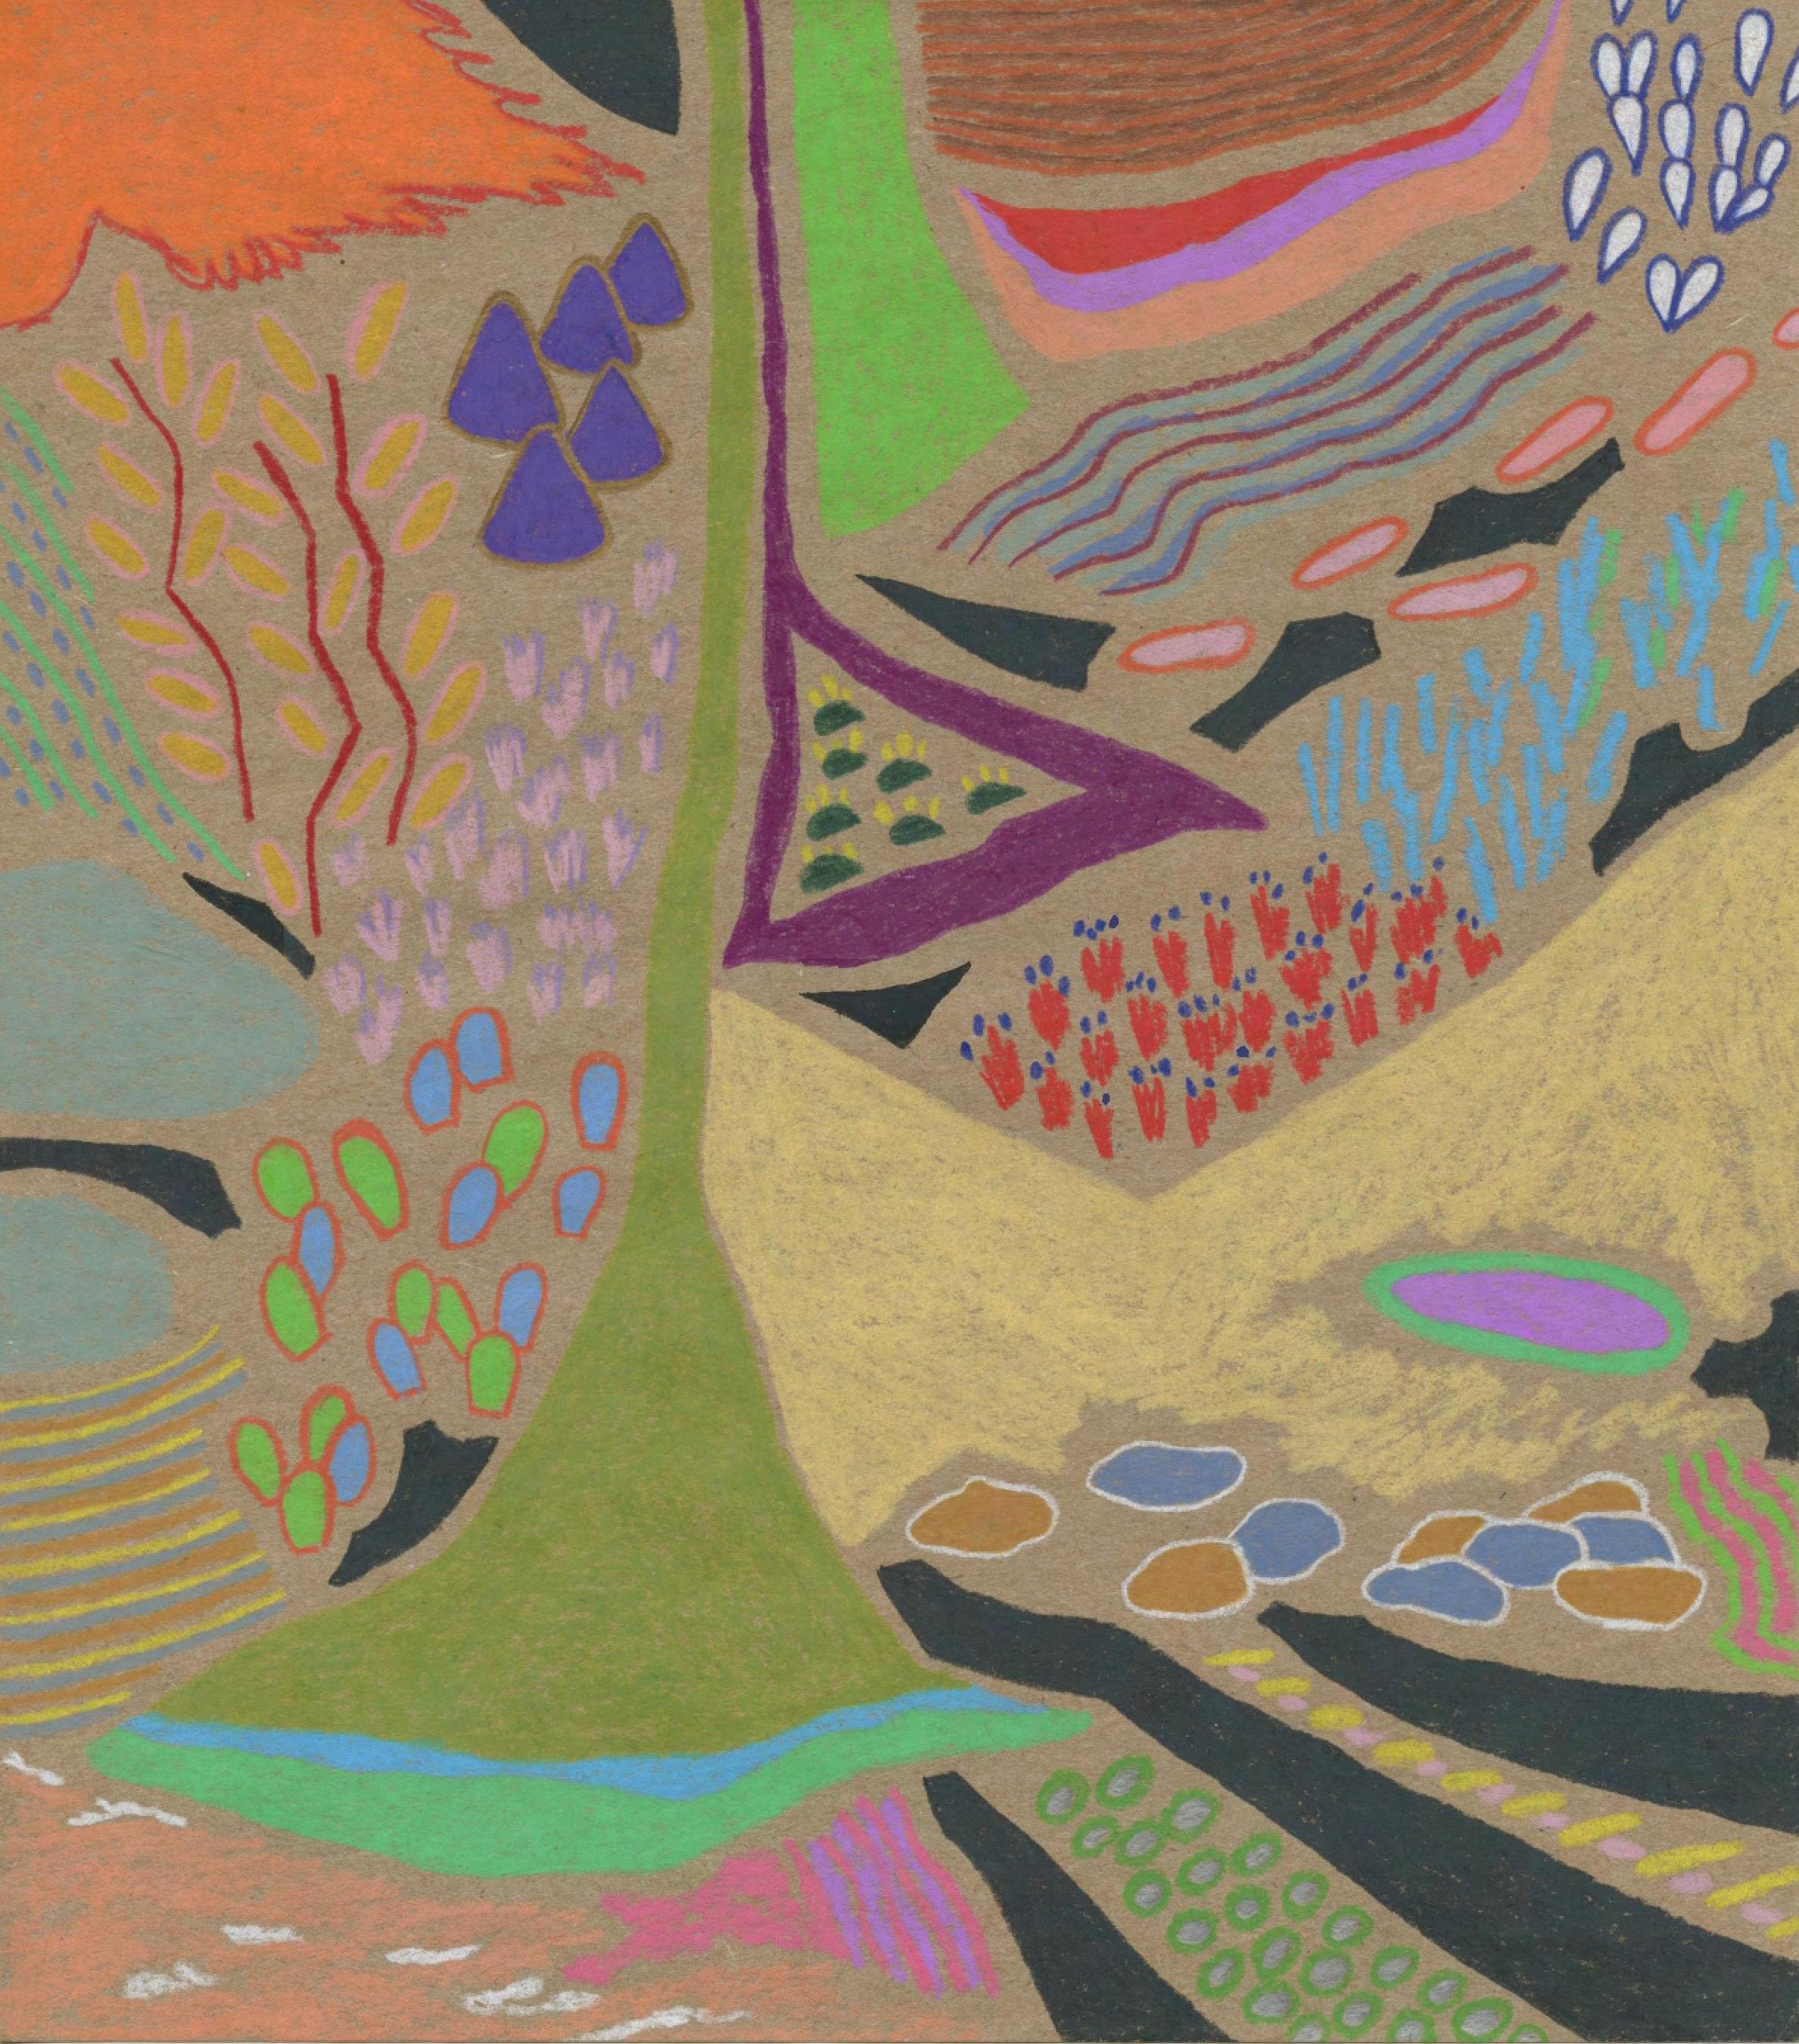 drawings_p2-page-001.jpg